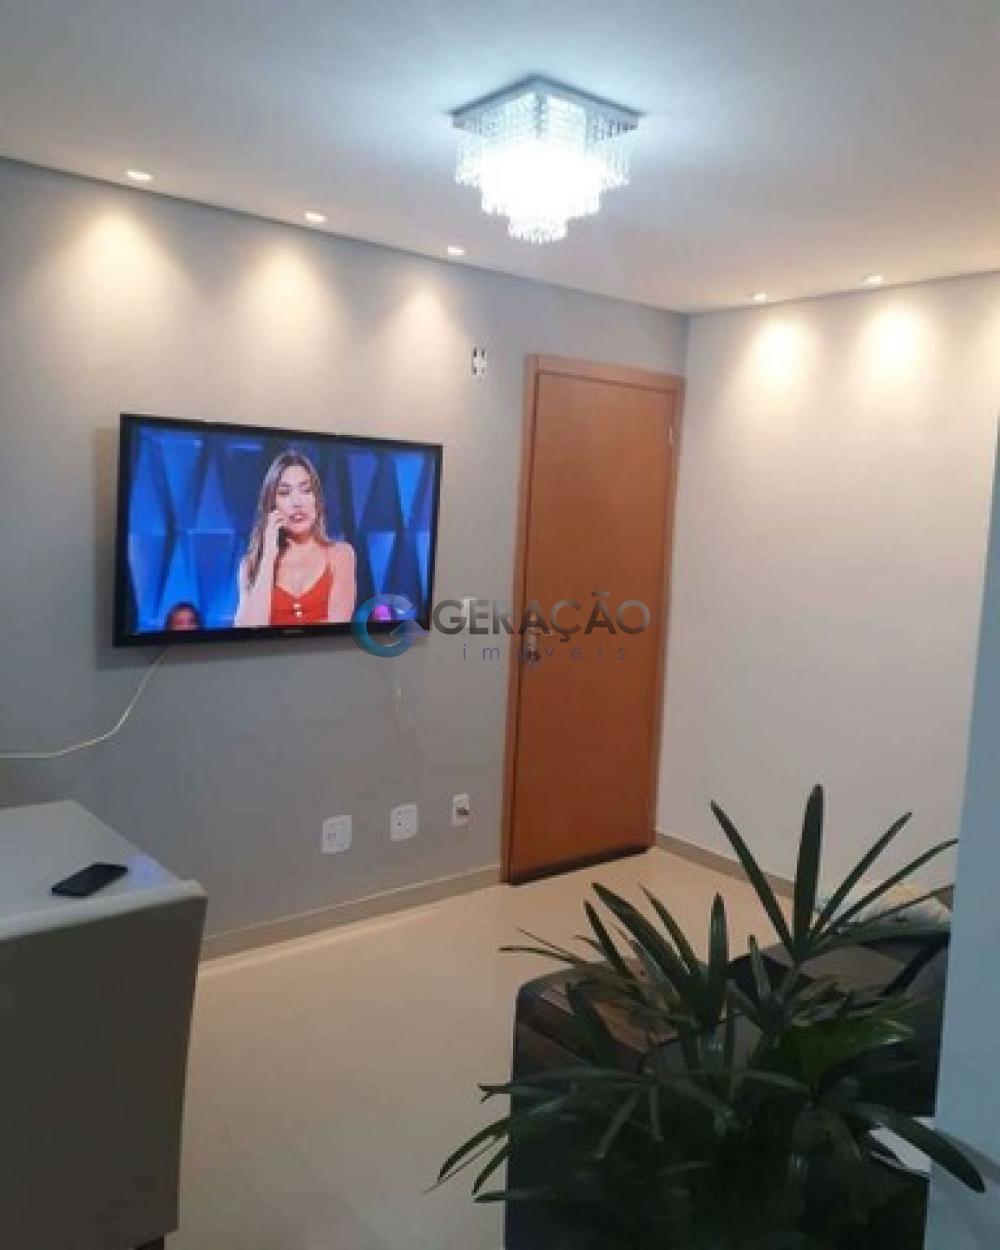 Comprar Apartamento / Padrão em São José dos Campos R$ 170.000,00 - Foto 5